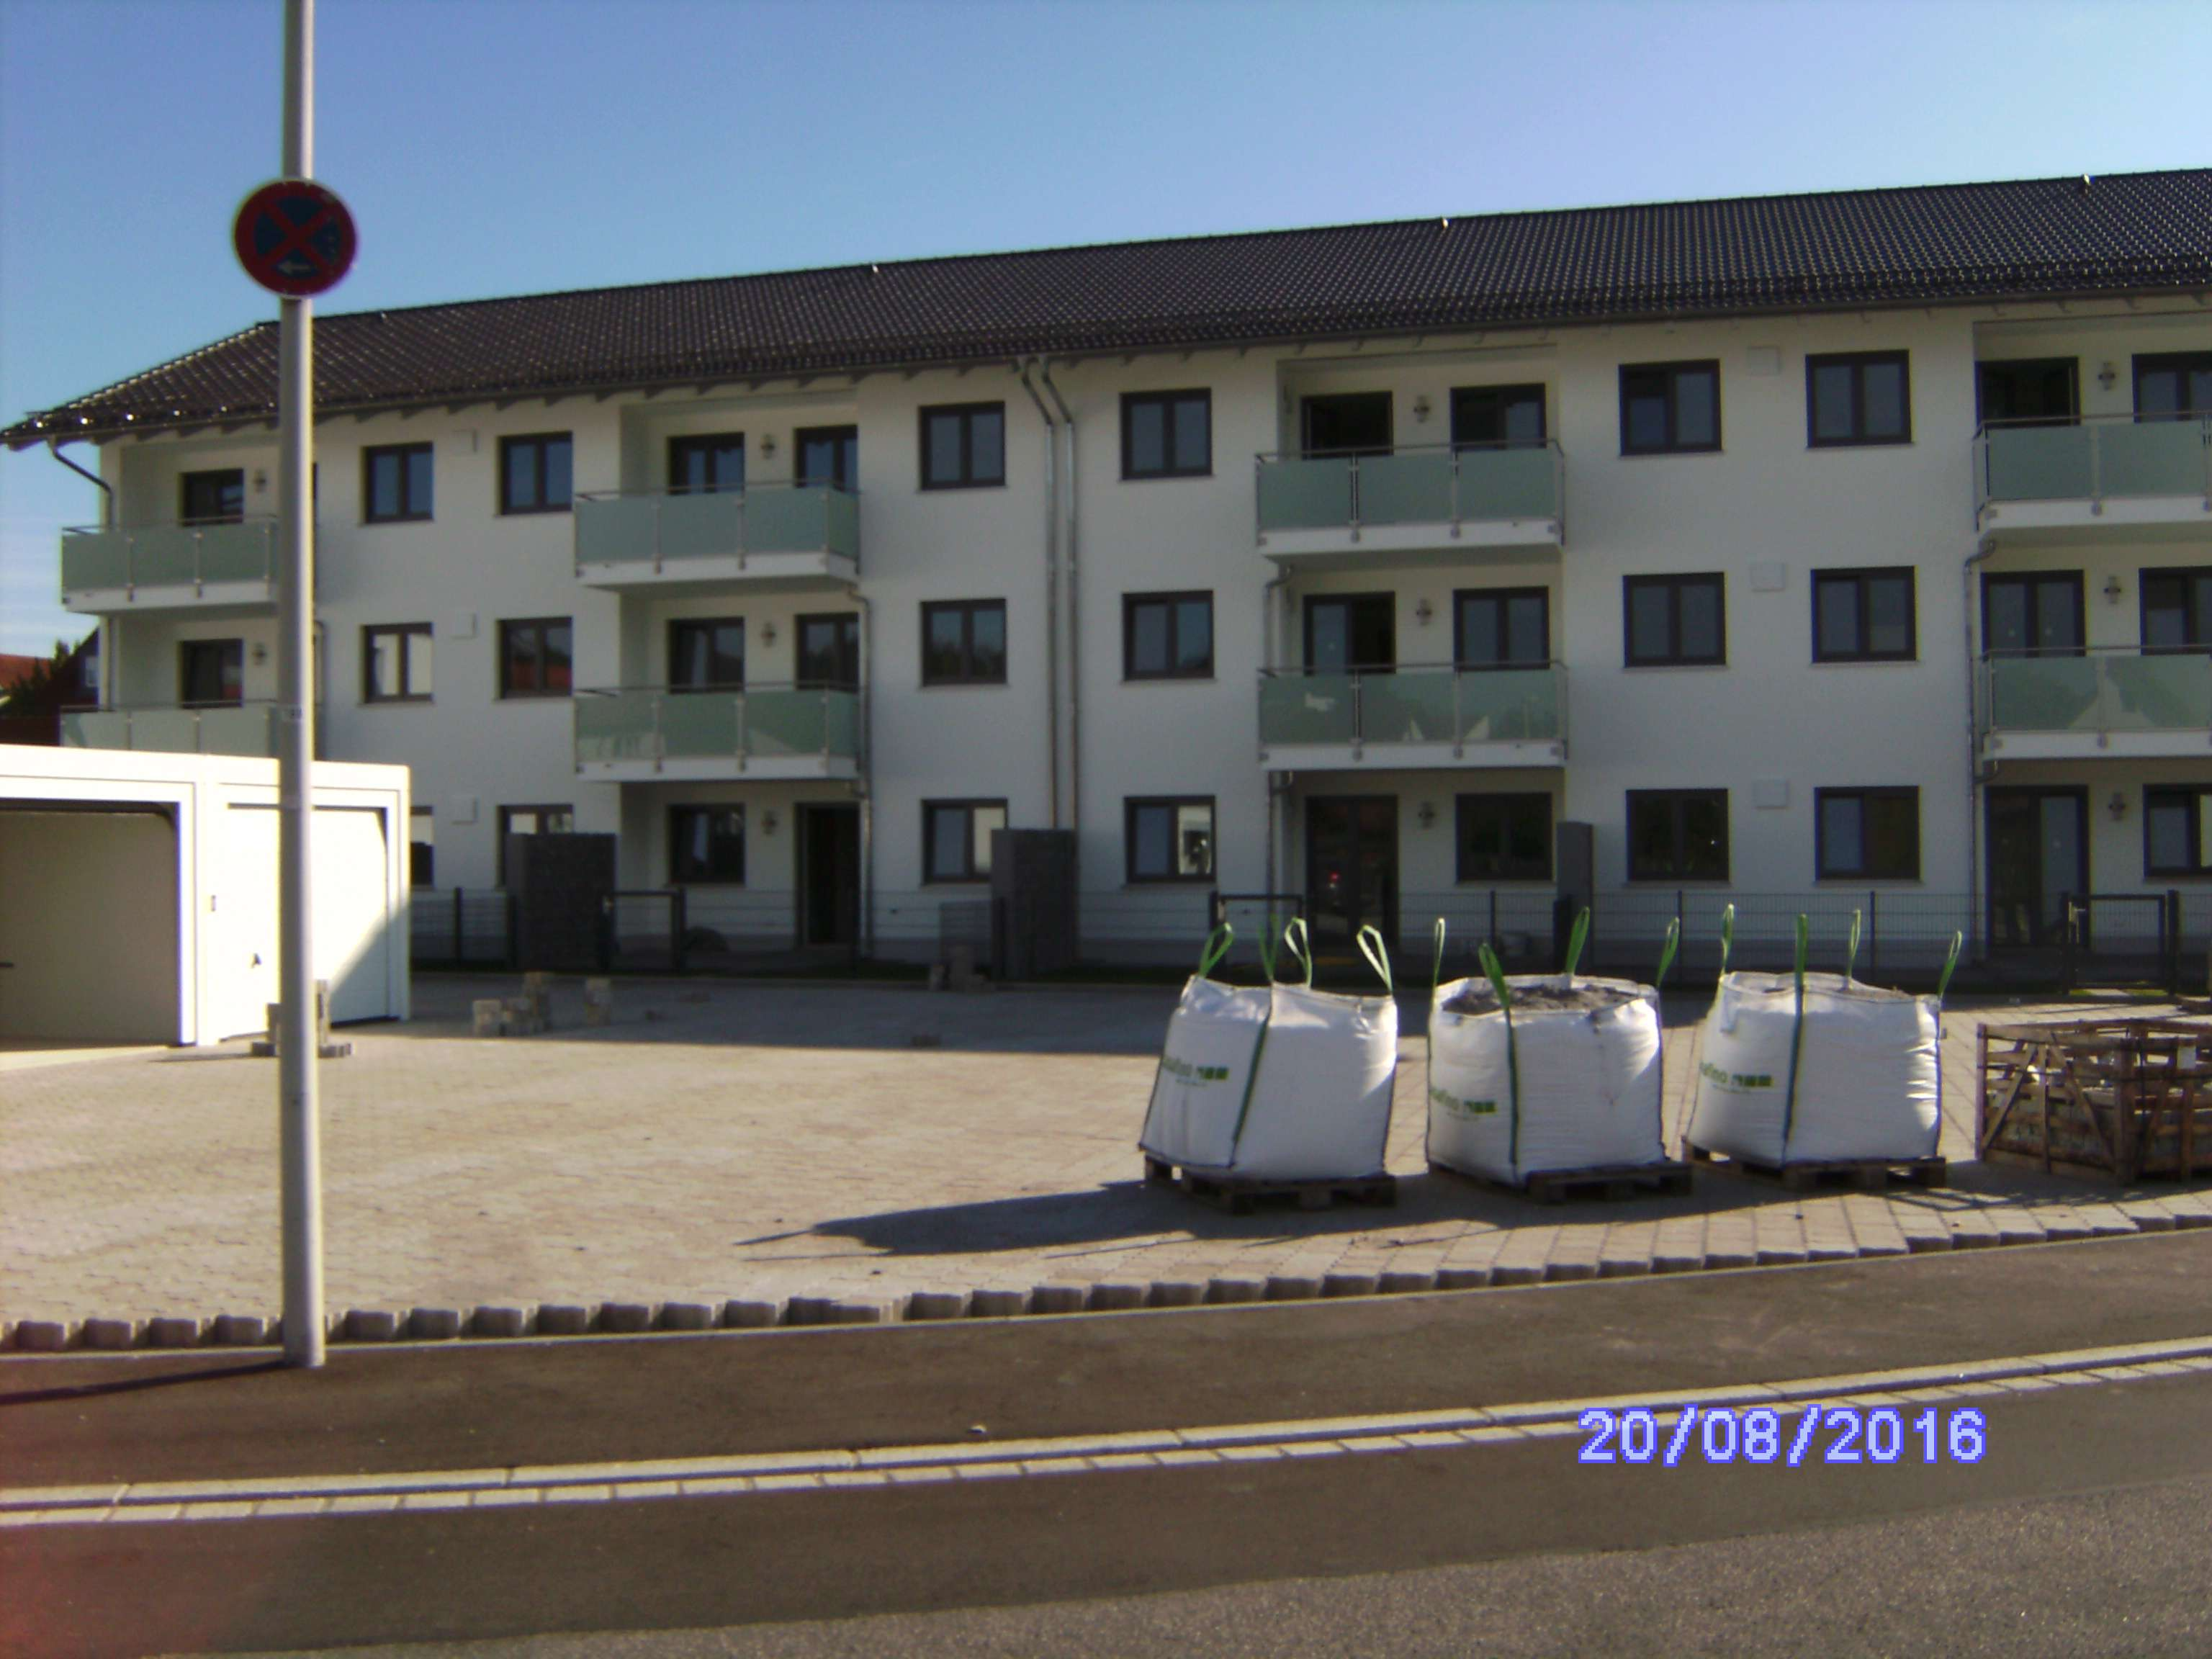 3-Zimmer-Wohnung mit Balkon in kleiner Wohnanlage in Altdorf in